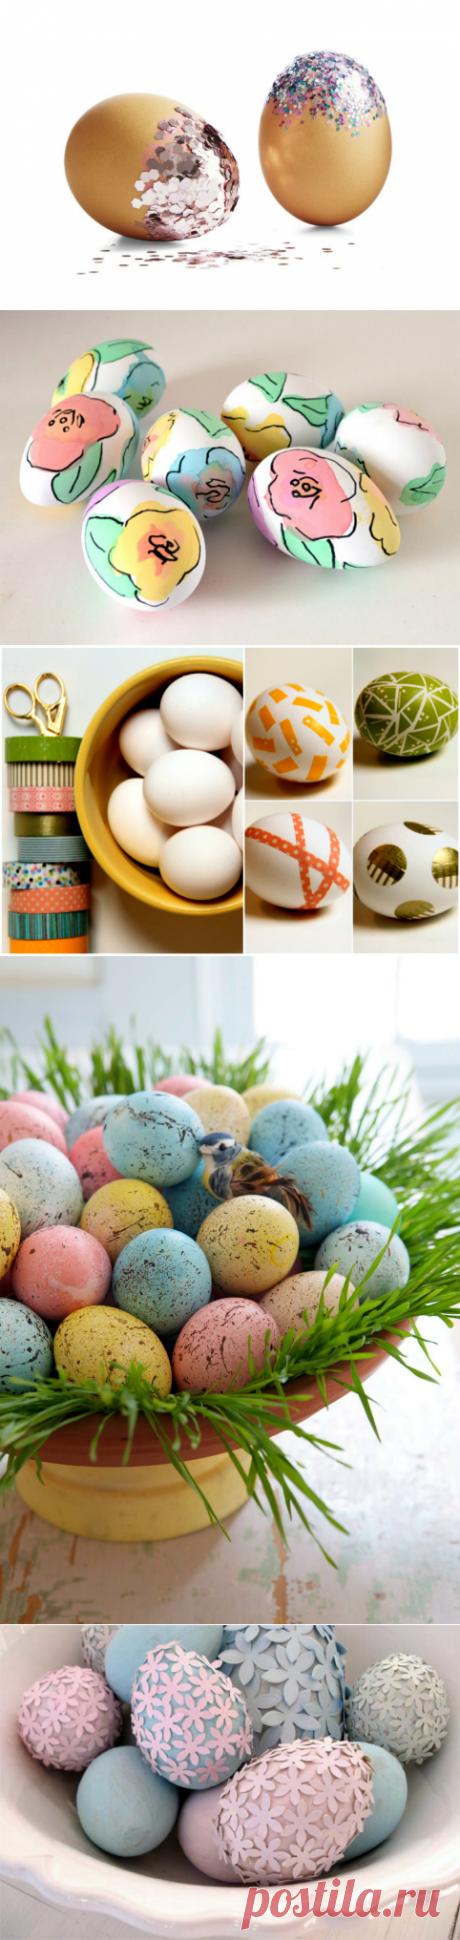 Свежие идеи декора яиц к празднику Пасхи | Мой дом